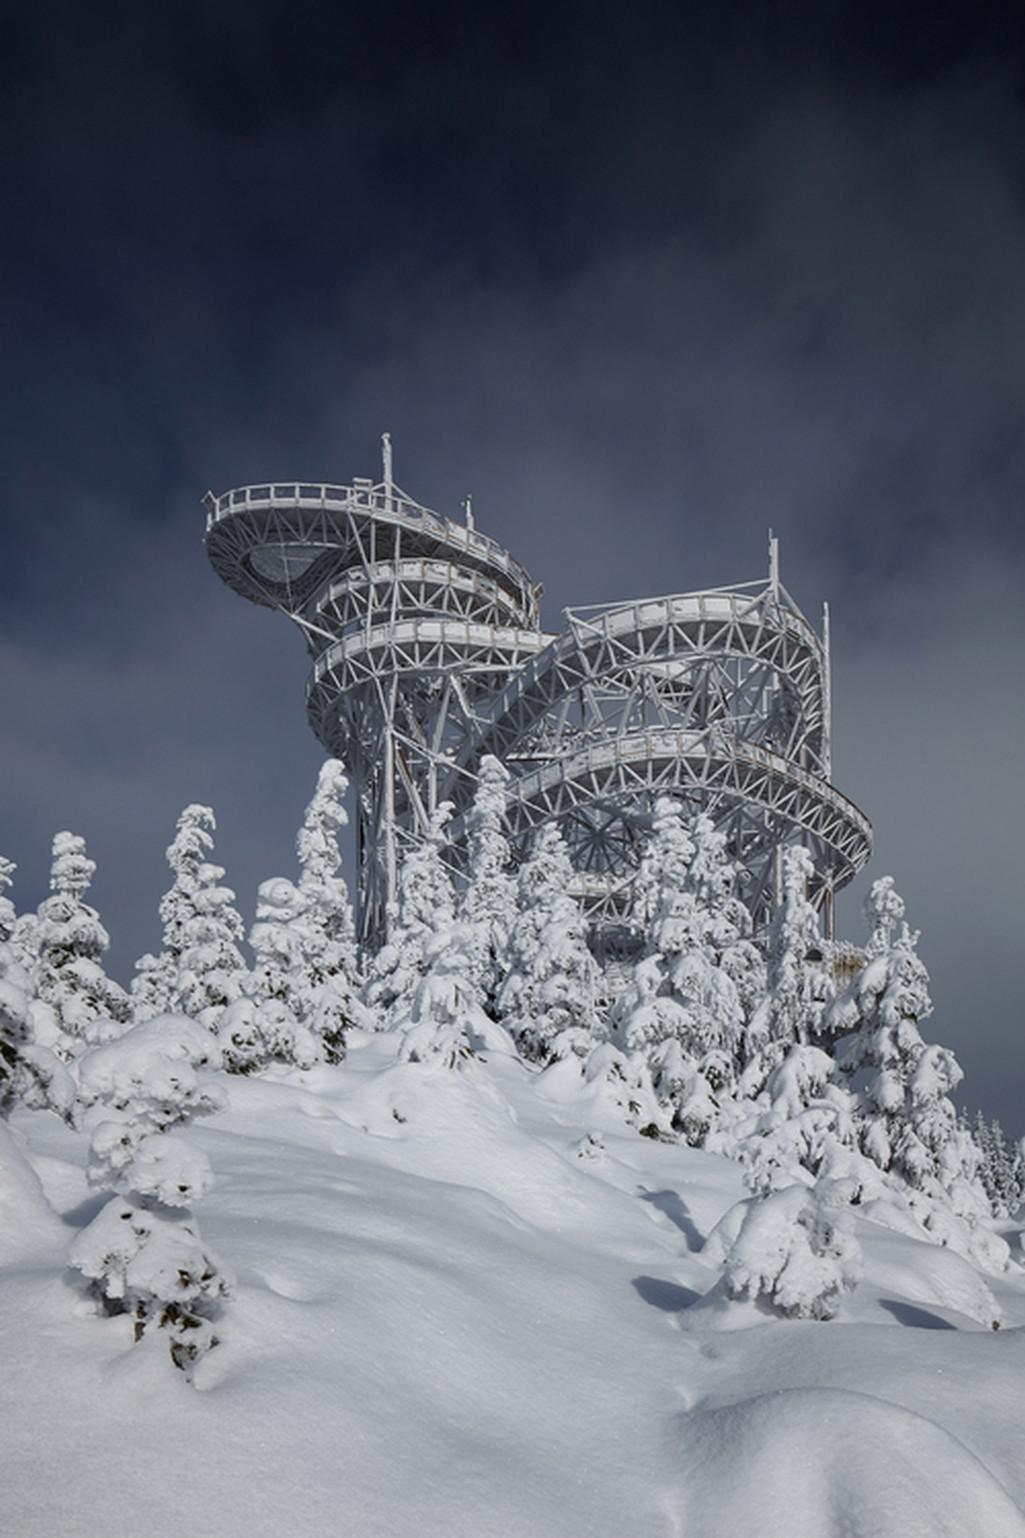 Stezka v oblacích, Dolní Morava